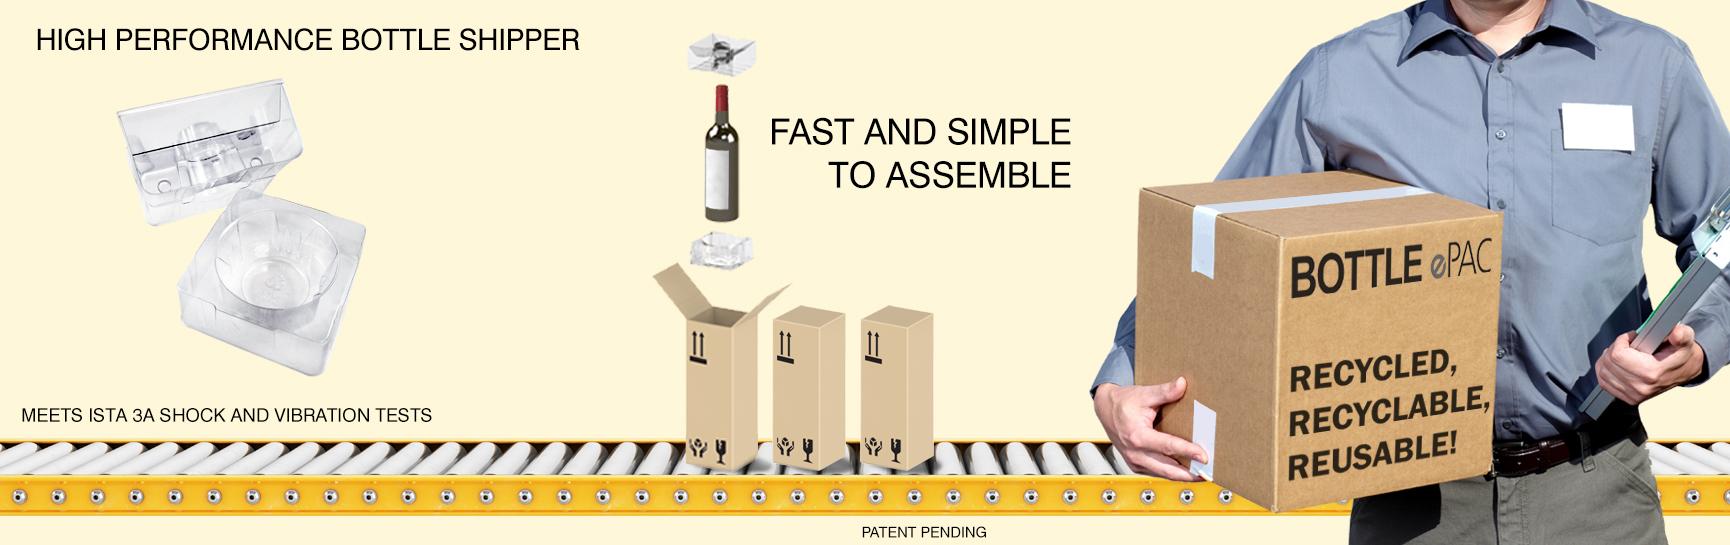 Bottle ePac - Site Web - Bannière - Page Accueil - Fond Jaune